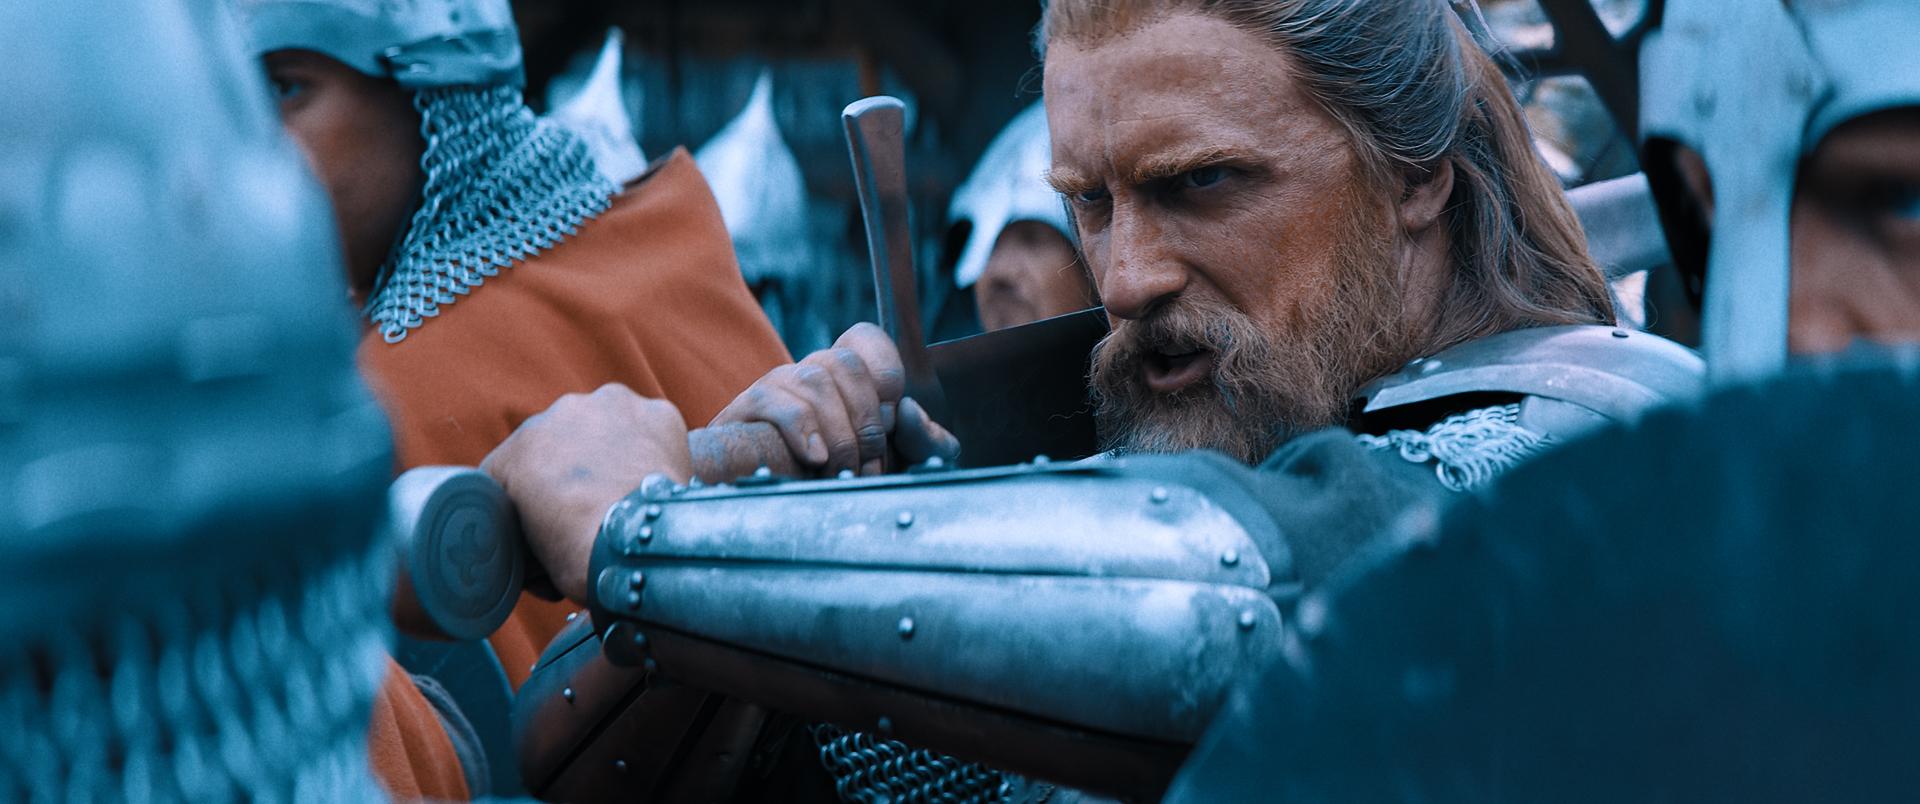 Український фільм «Сторожова застава» встановив рекорд касових зборів попри незговірливість прокатників